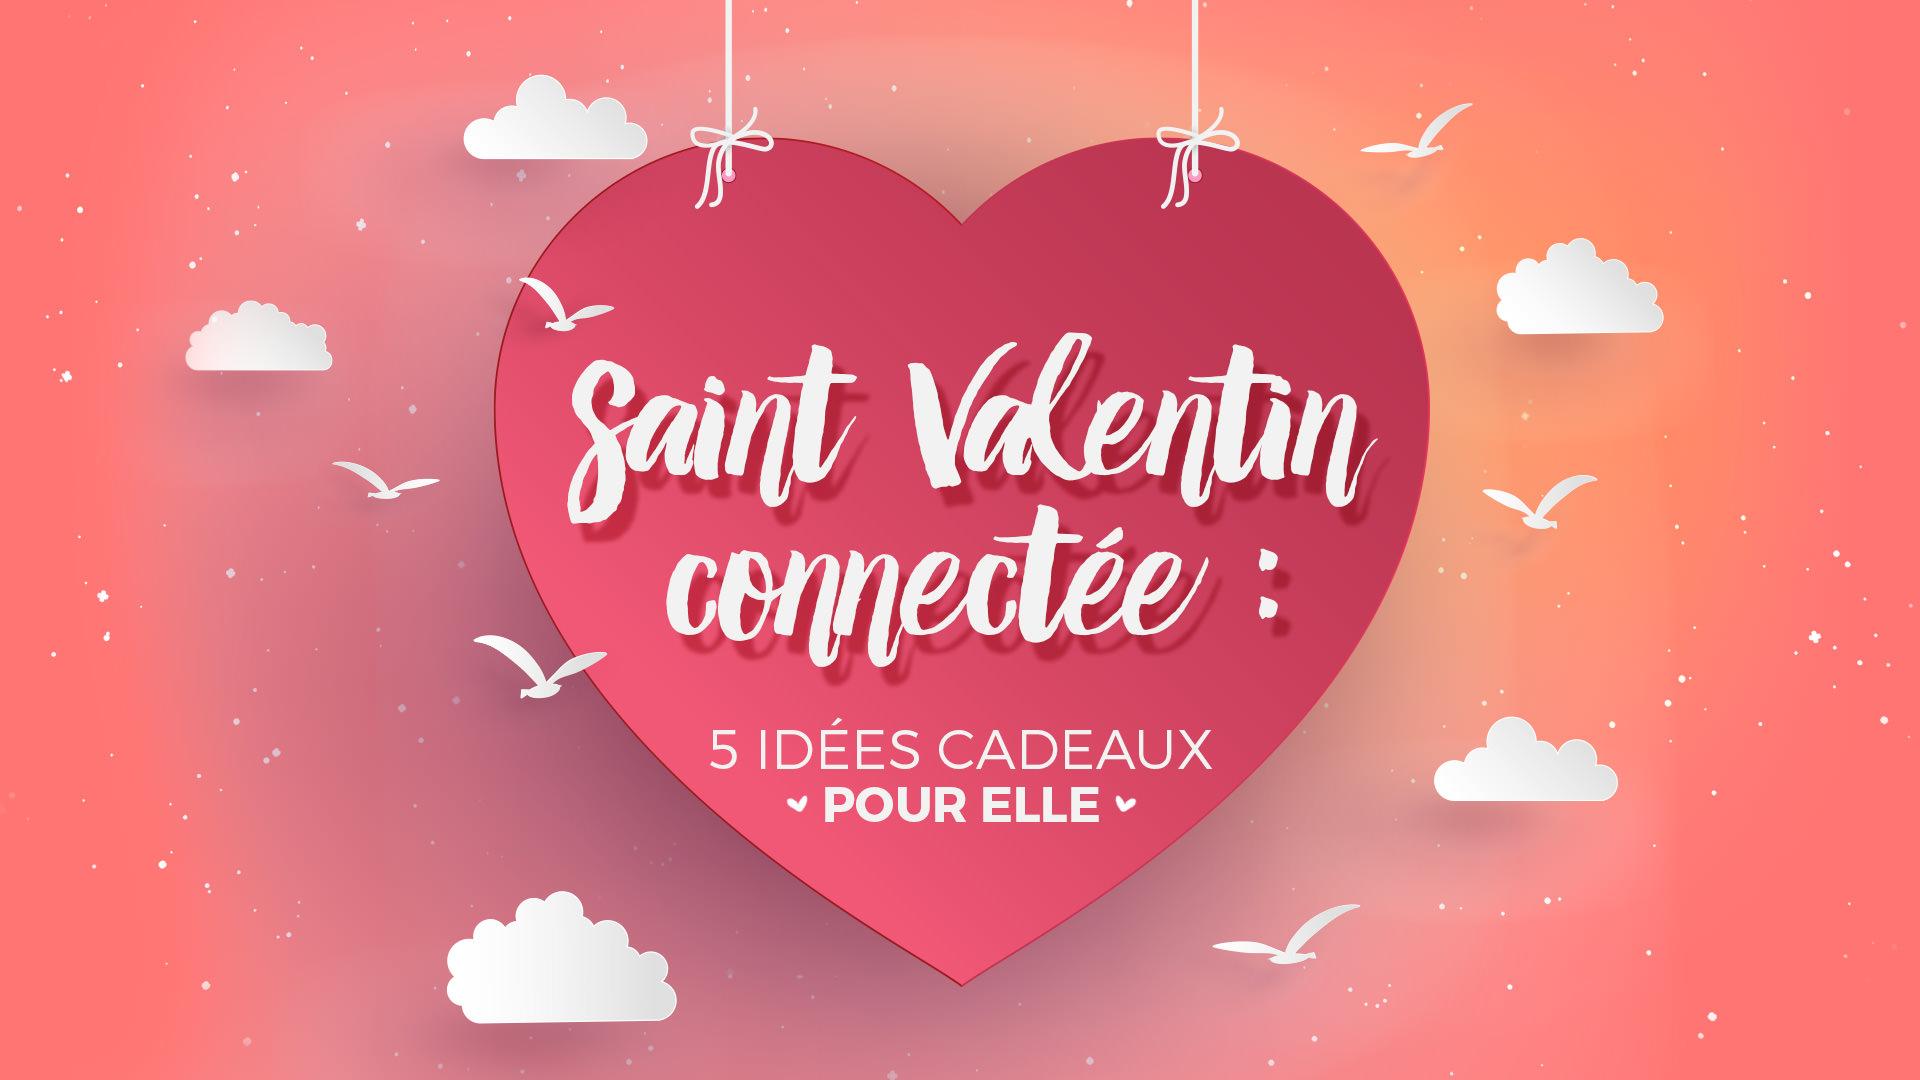 Saint Valentin connectée : pour elle